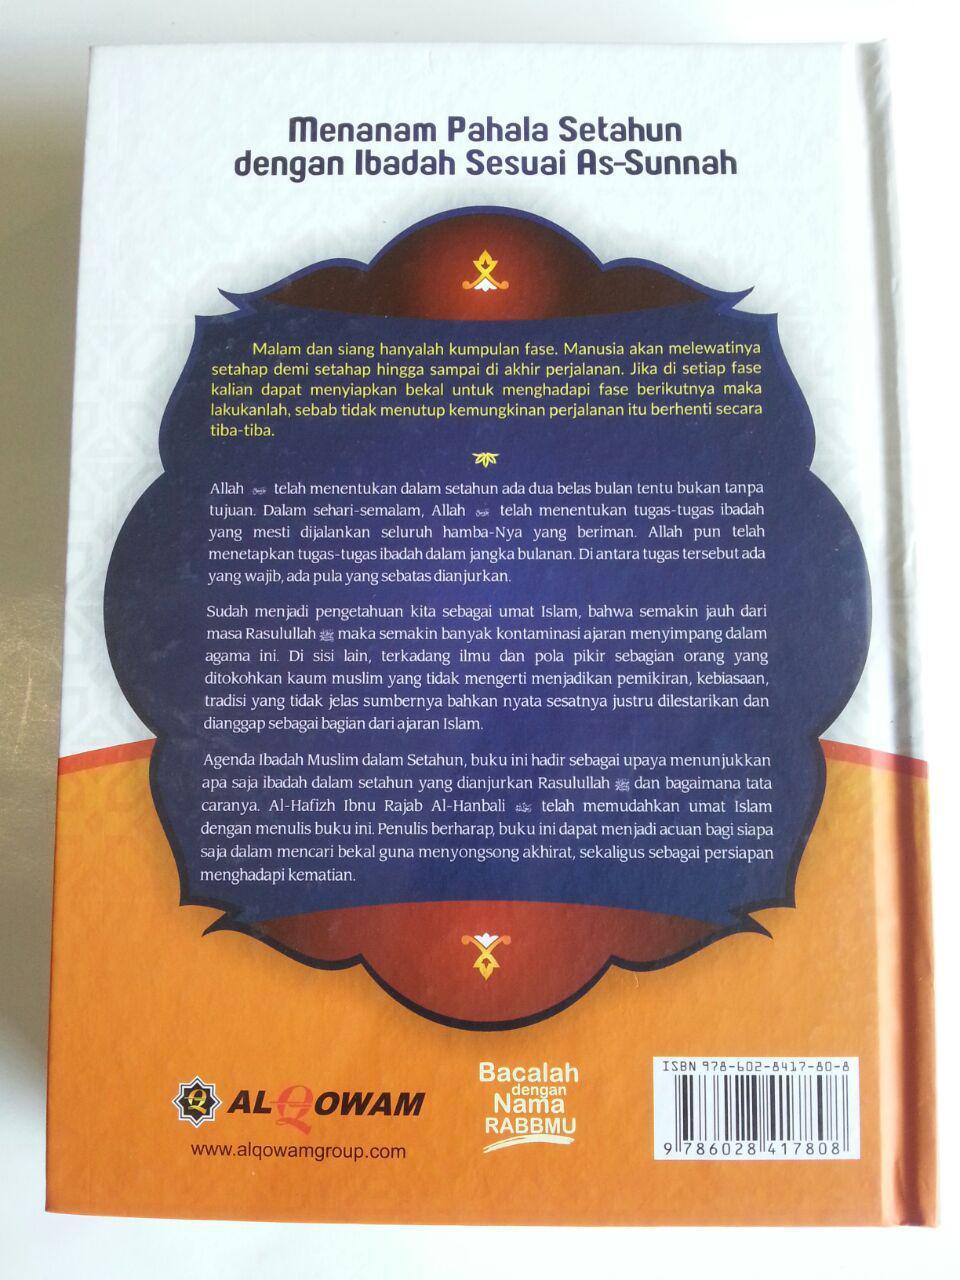 Buku Lathaiful Maarif Agenda Ibadah Muslim Dalam Setahun cover